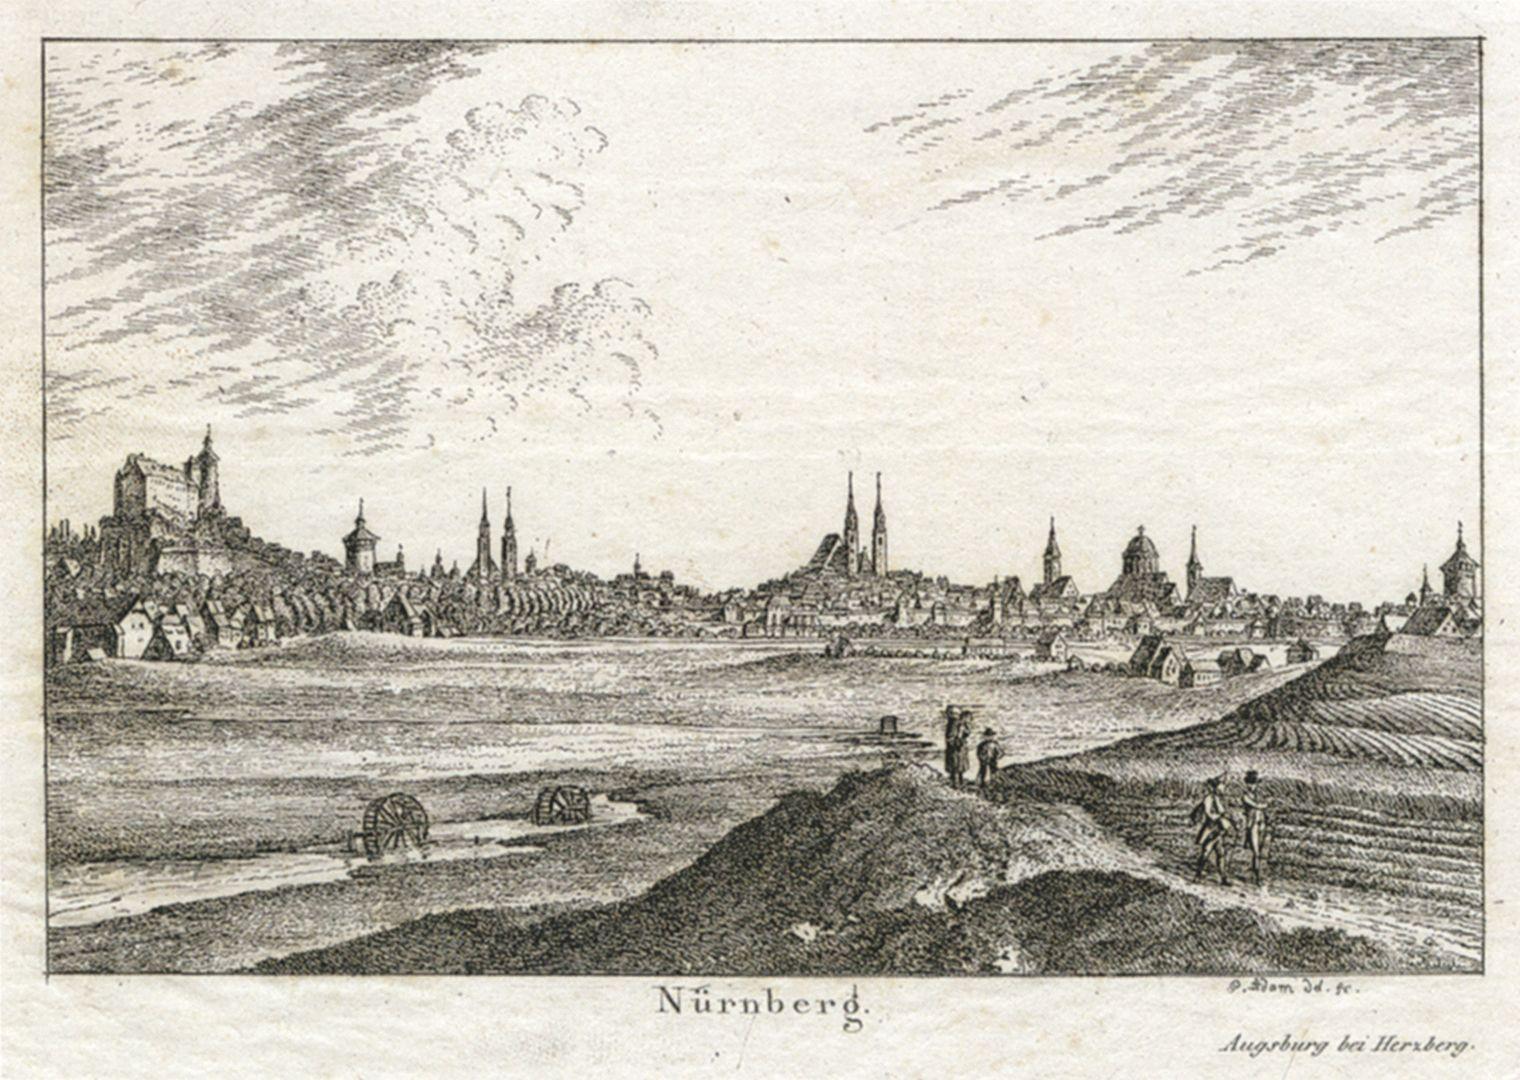 Tasse mit Nürnberg-Ansicht von Südwesten (Blick von der Deutschherrenwiese) Vorlage von Georg Adam (1785–1823): Nürnberg-Ansicht von Südwesten (Blick von der Deutschherrenwiese), Radierung um 1820.